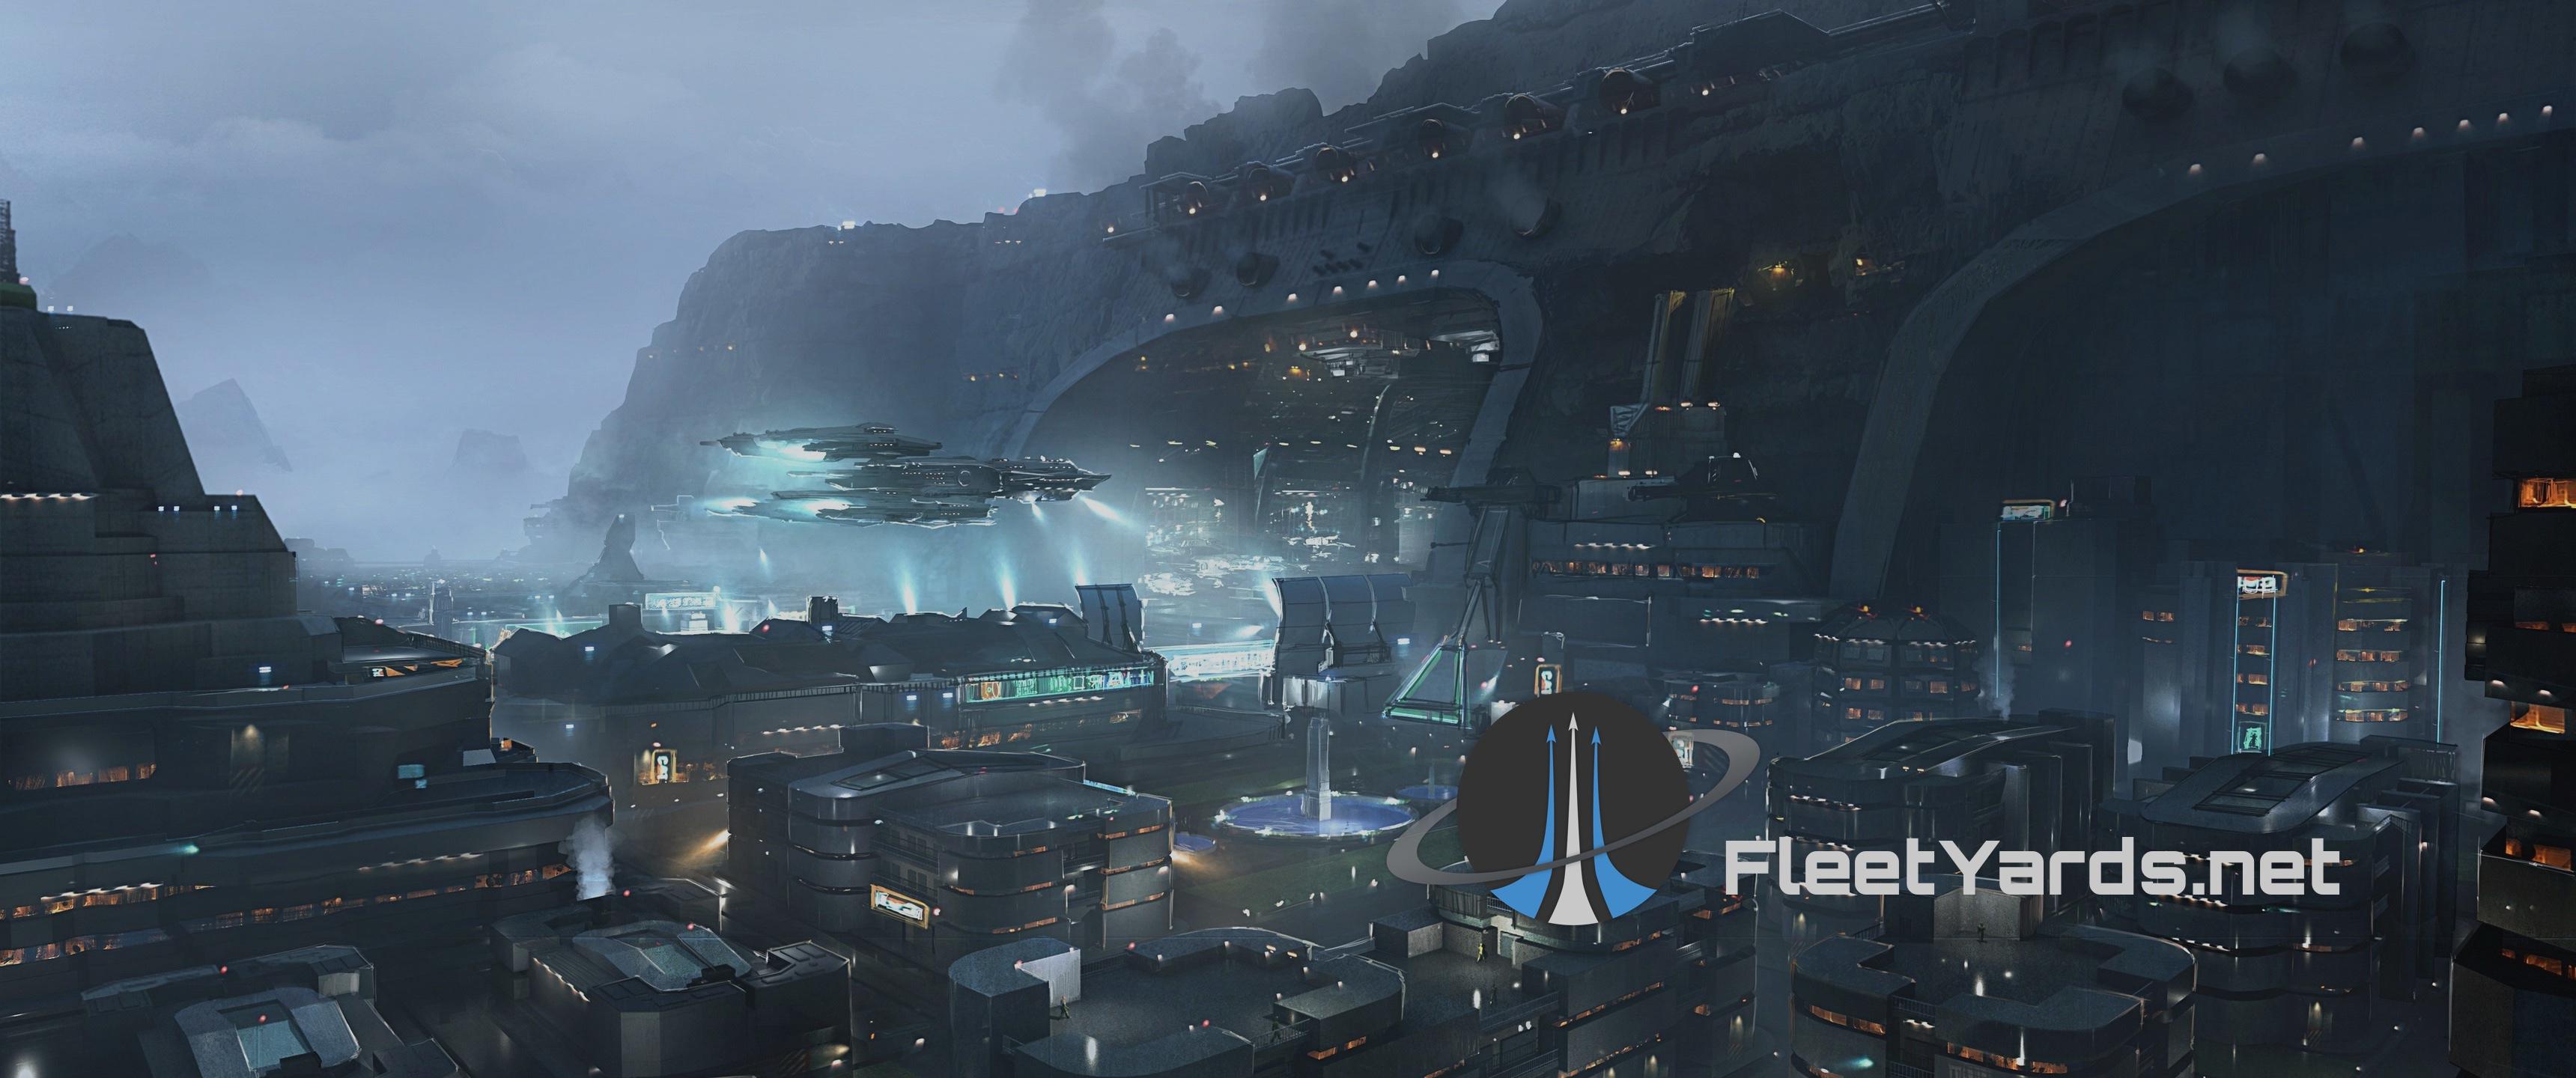 fleetyards